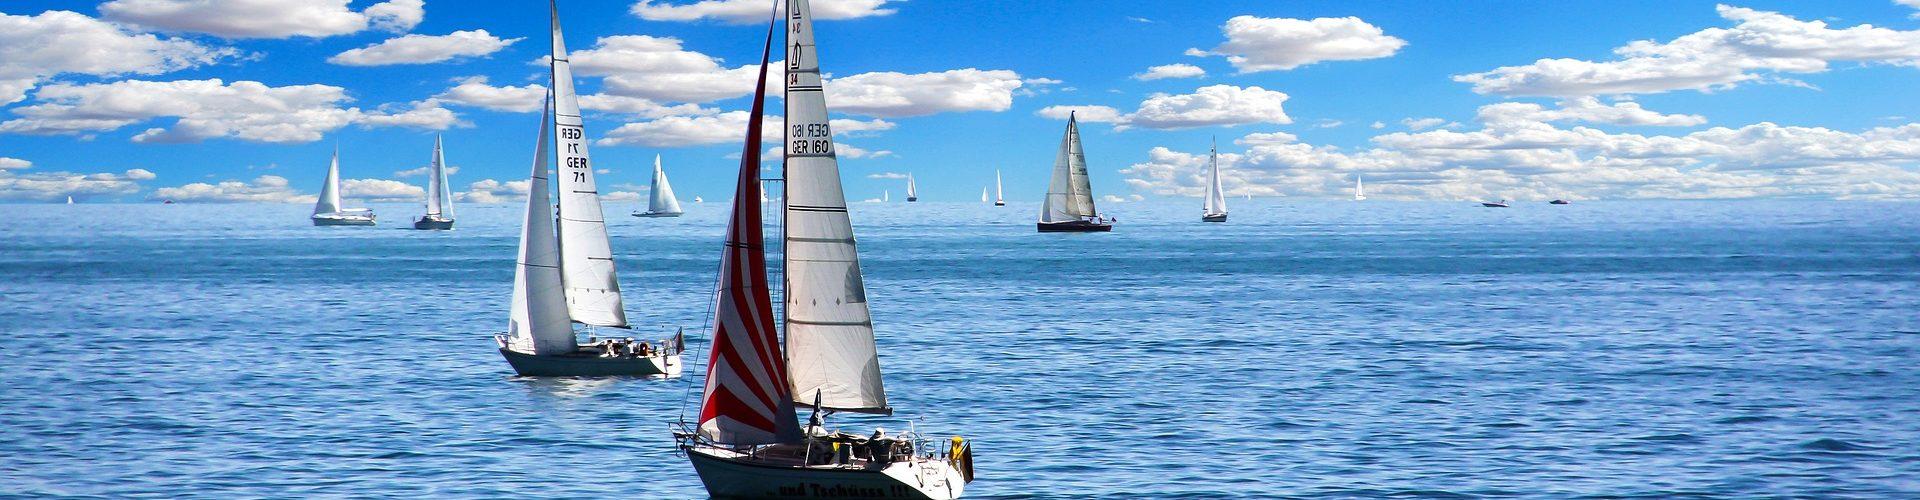 segeln lernen in Groß Offenseth Aspern segelschein machen in Groß Offenseth Aspern 1920x500 - Segeln lernen in Groß Offenseth-Aspern